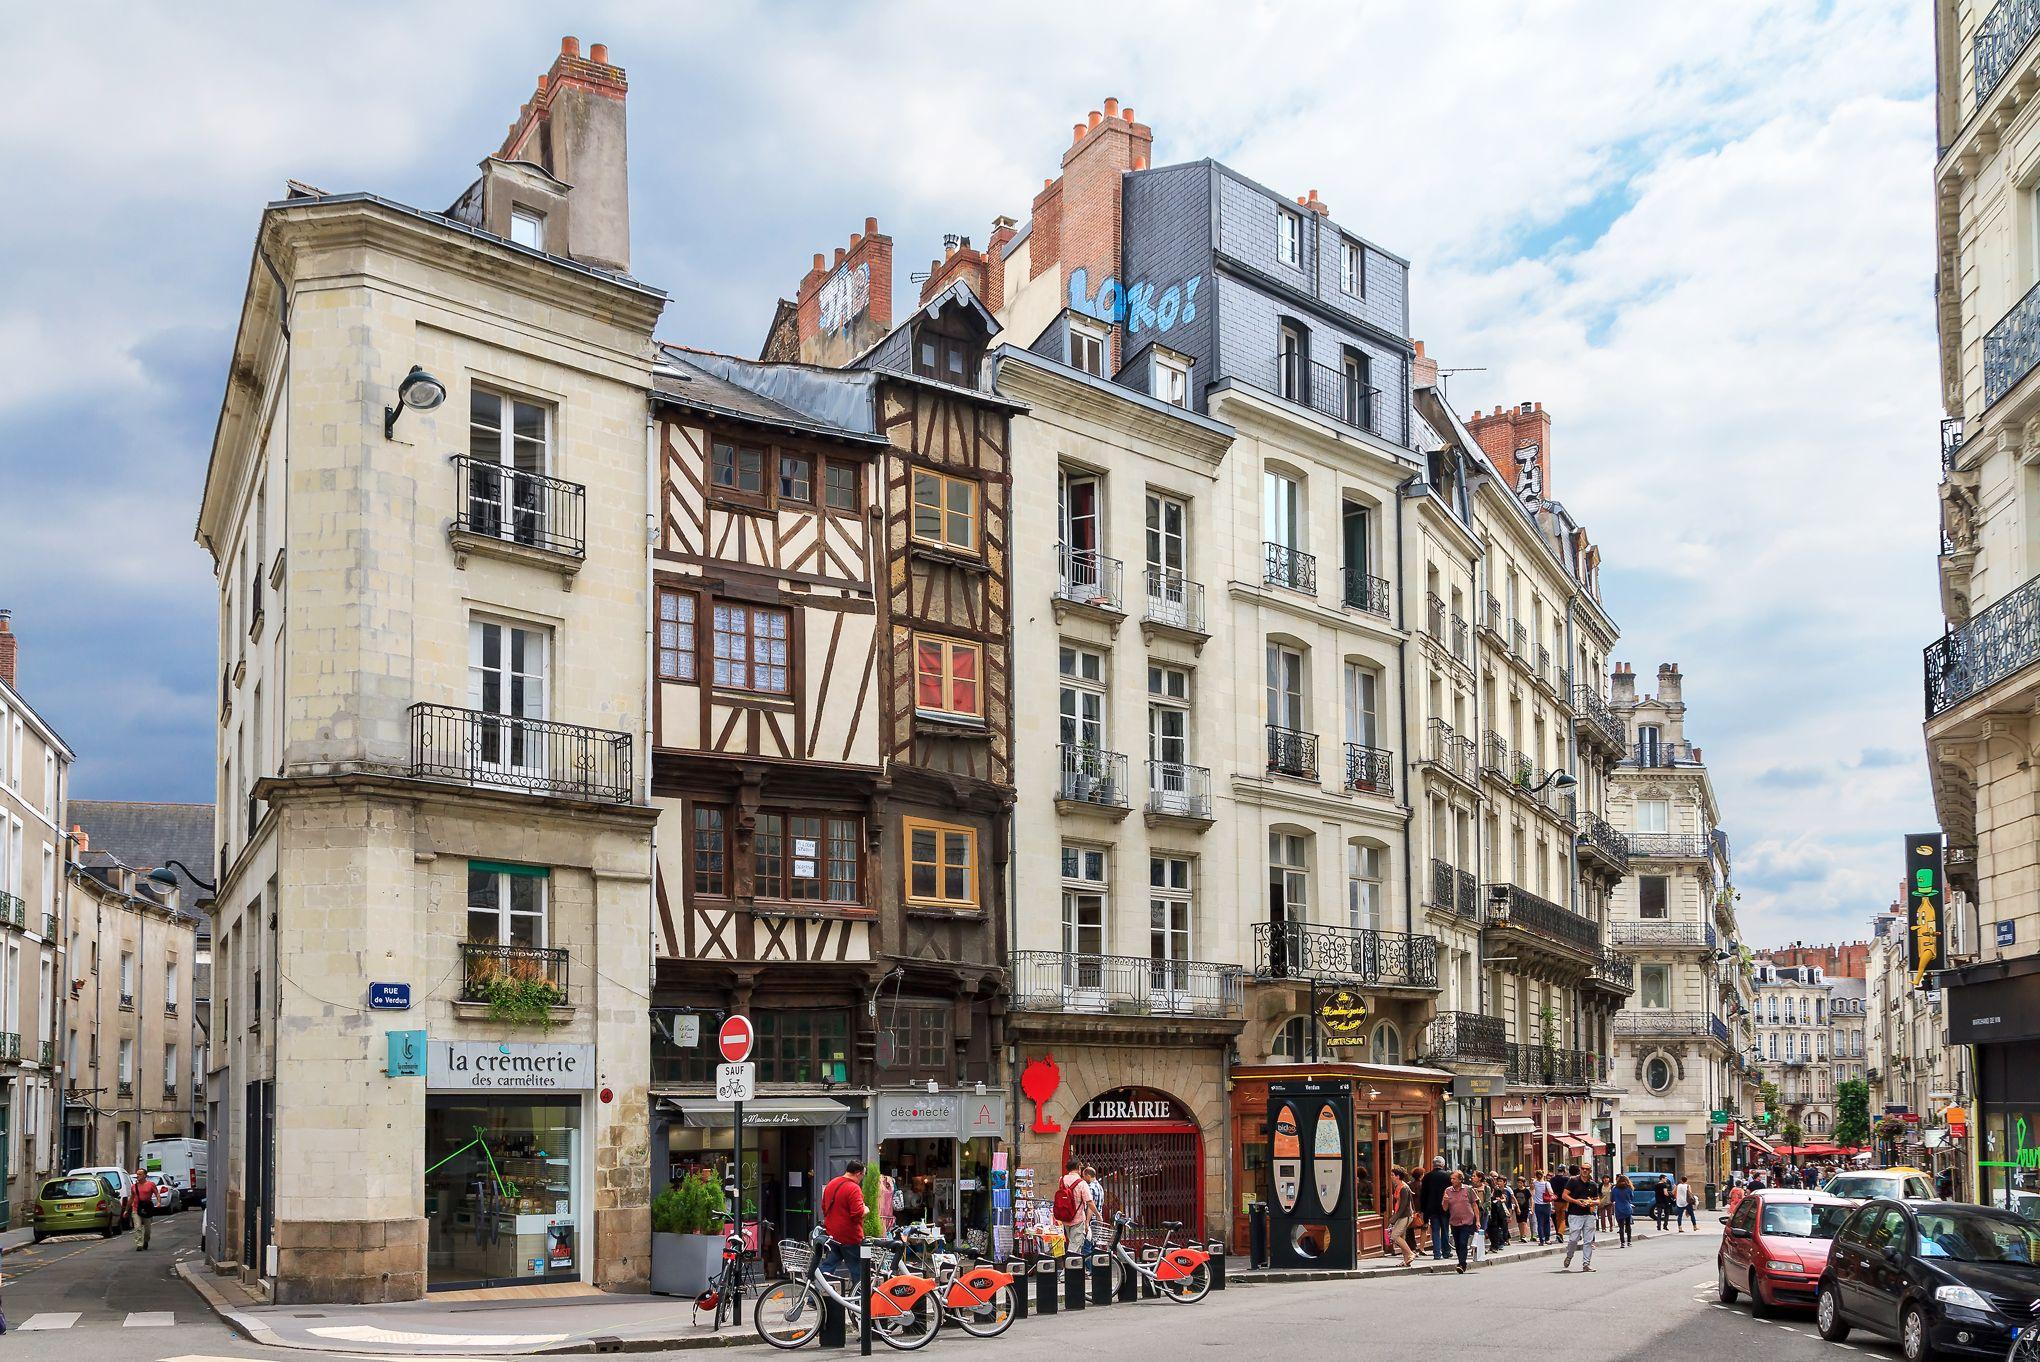 Locaux commerciaux : valorisez vos murs de boutique